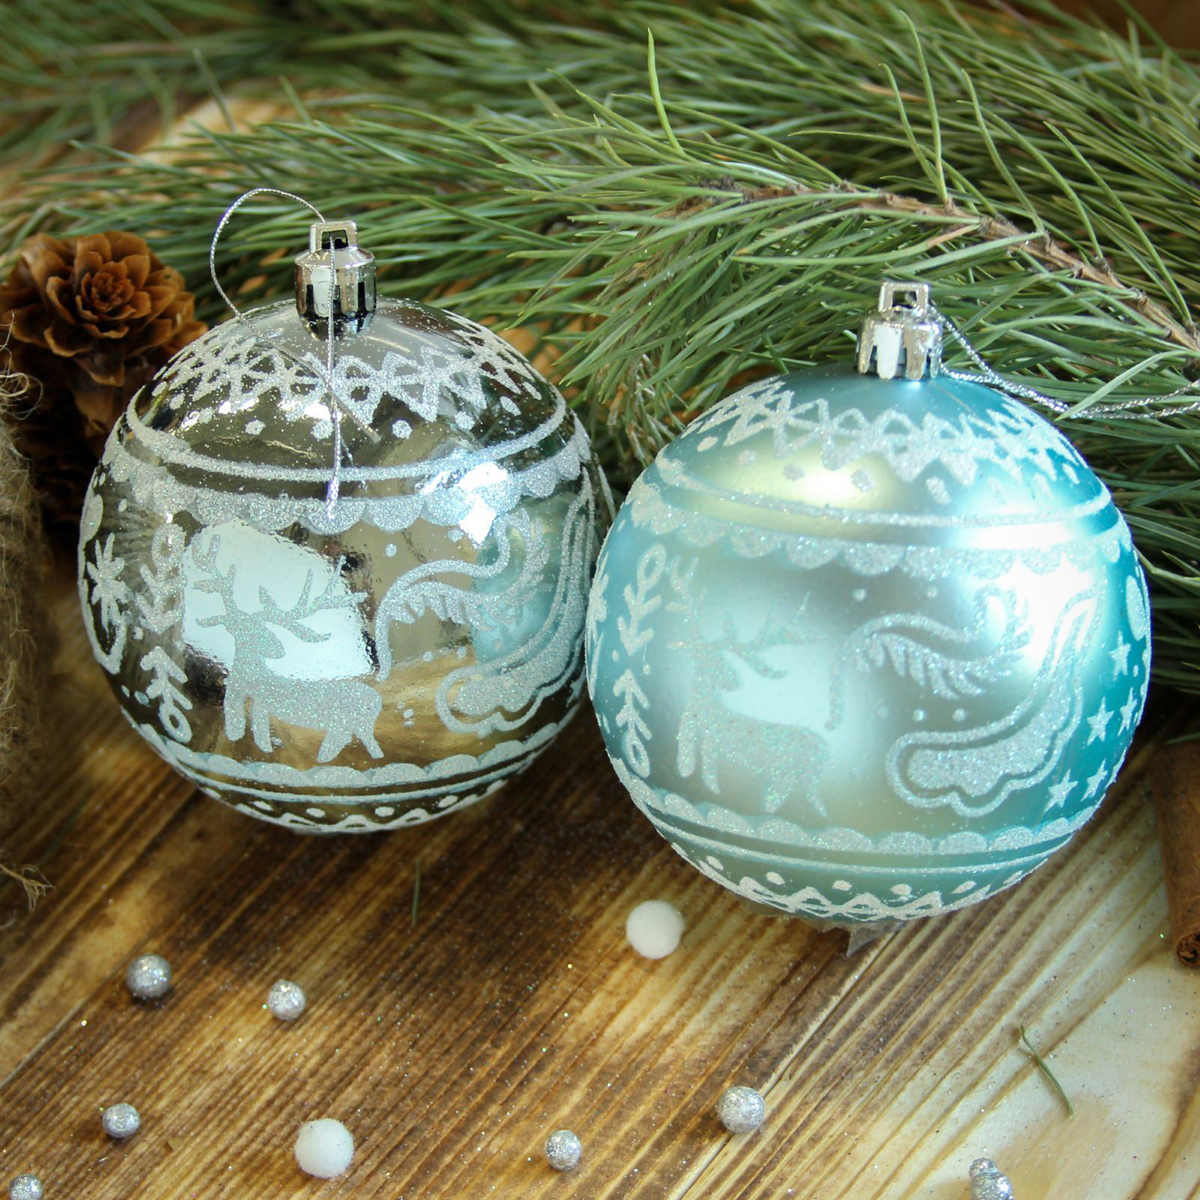 Набор новогодних подвесных украшений Sima-land Зимний олень, цвет: голубой, диаметр 8 см, 6 шт2122972Набор новогодних подвесных украшений Sima-land отлично подойдет для декорации вашего дома и новогодней ели. С помощью специальной петельки украшение можно повесить в любом понравившемся вам месте. Но, конечно, удачнее всего оно будет смотреться на праздничной елке. Елочная игрушка - символ Нового года. Она несет в себе волшебство и красоту праздника. Создайте в своем доме атмосферу веселья и радости, украшая новогоднюю елку нарядными игрушками, которые будут из года в год накапливать теплоту воспоминаний.